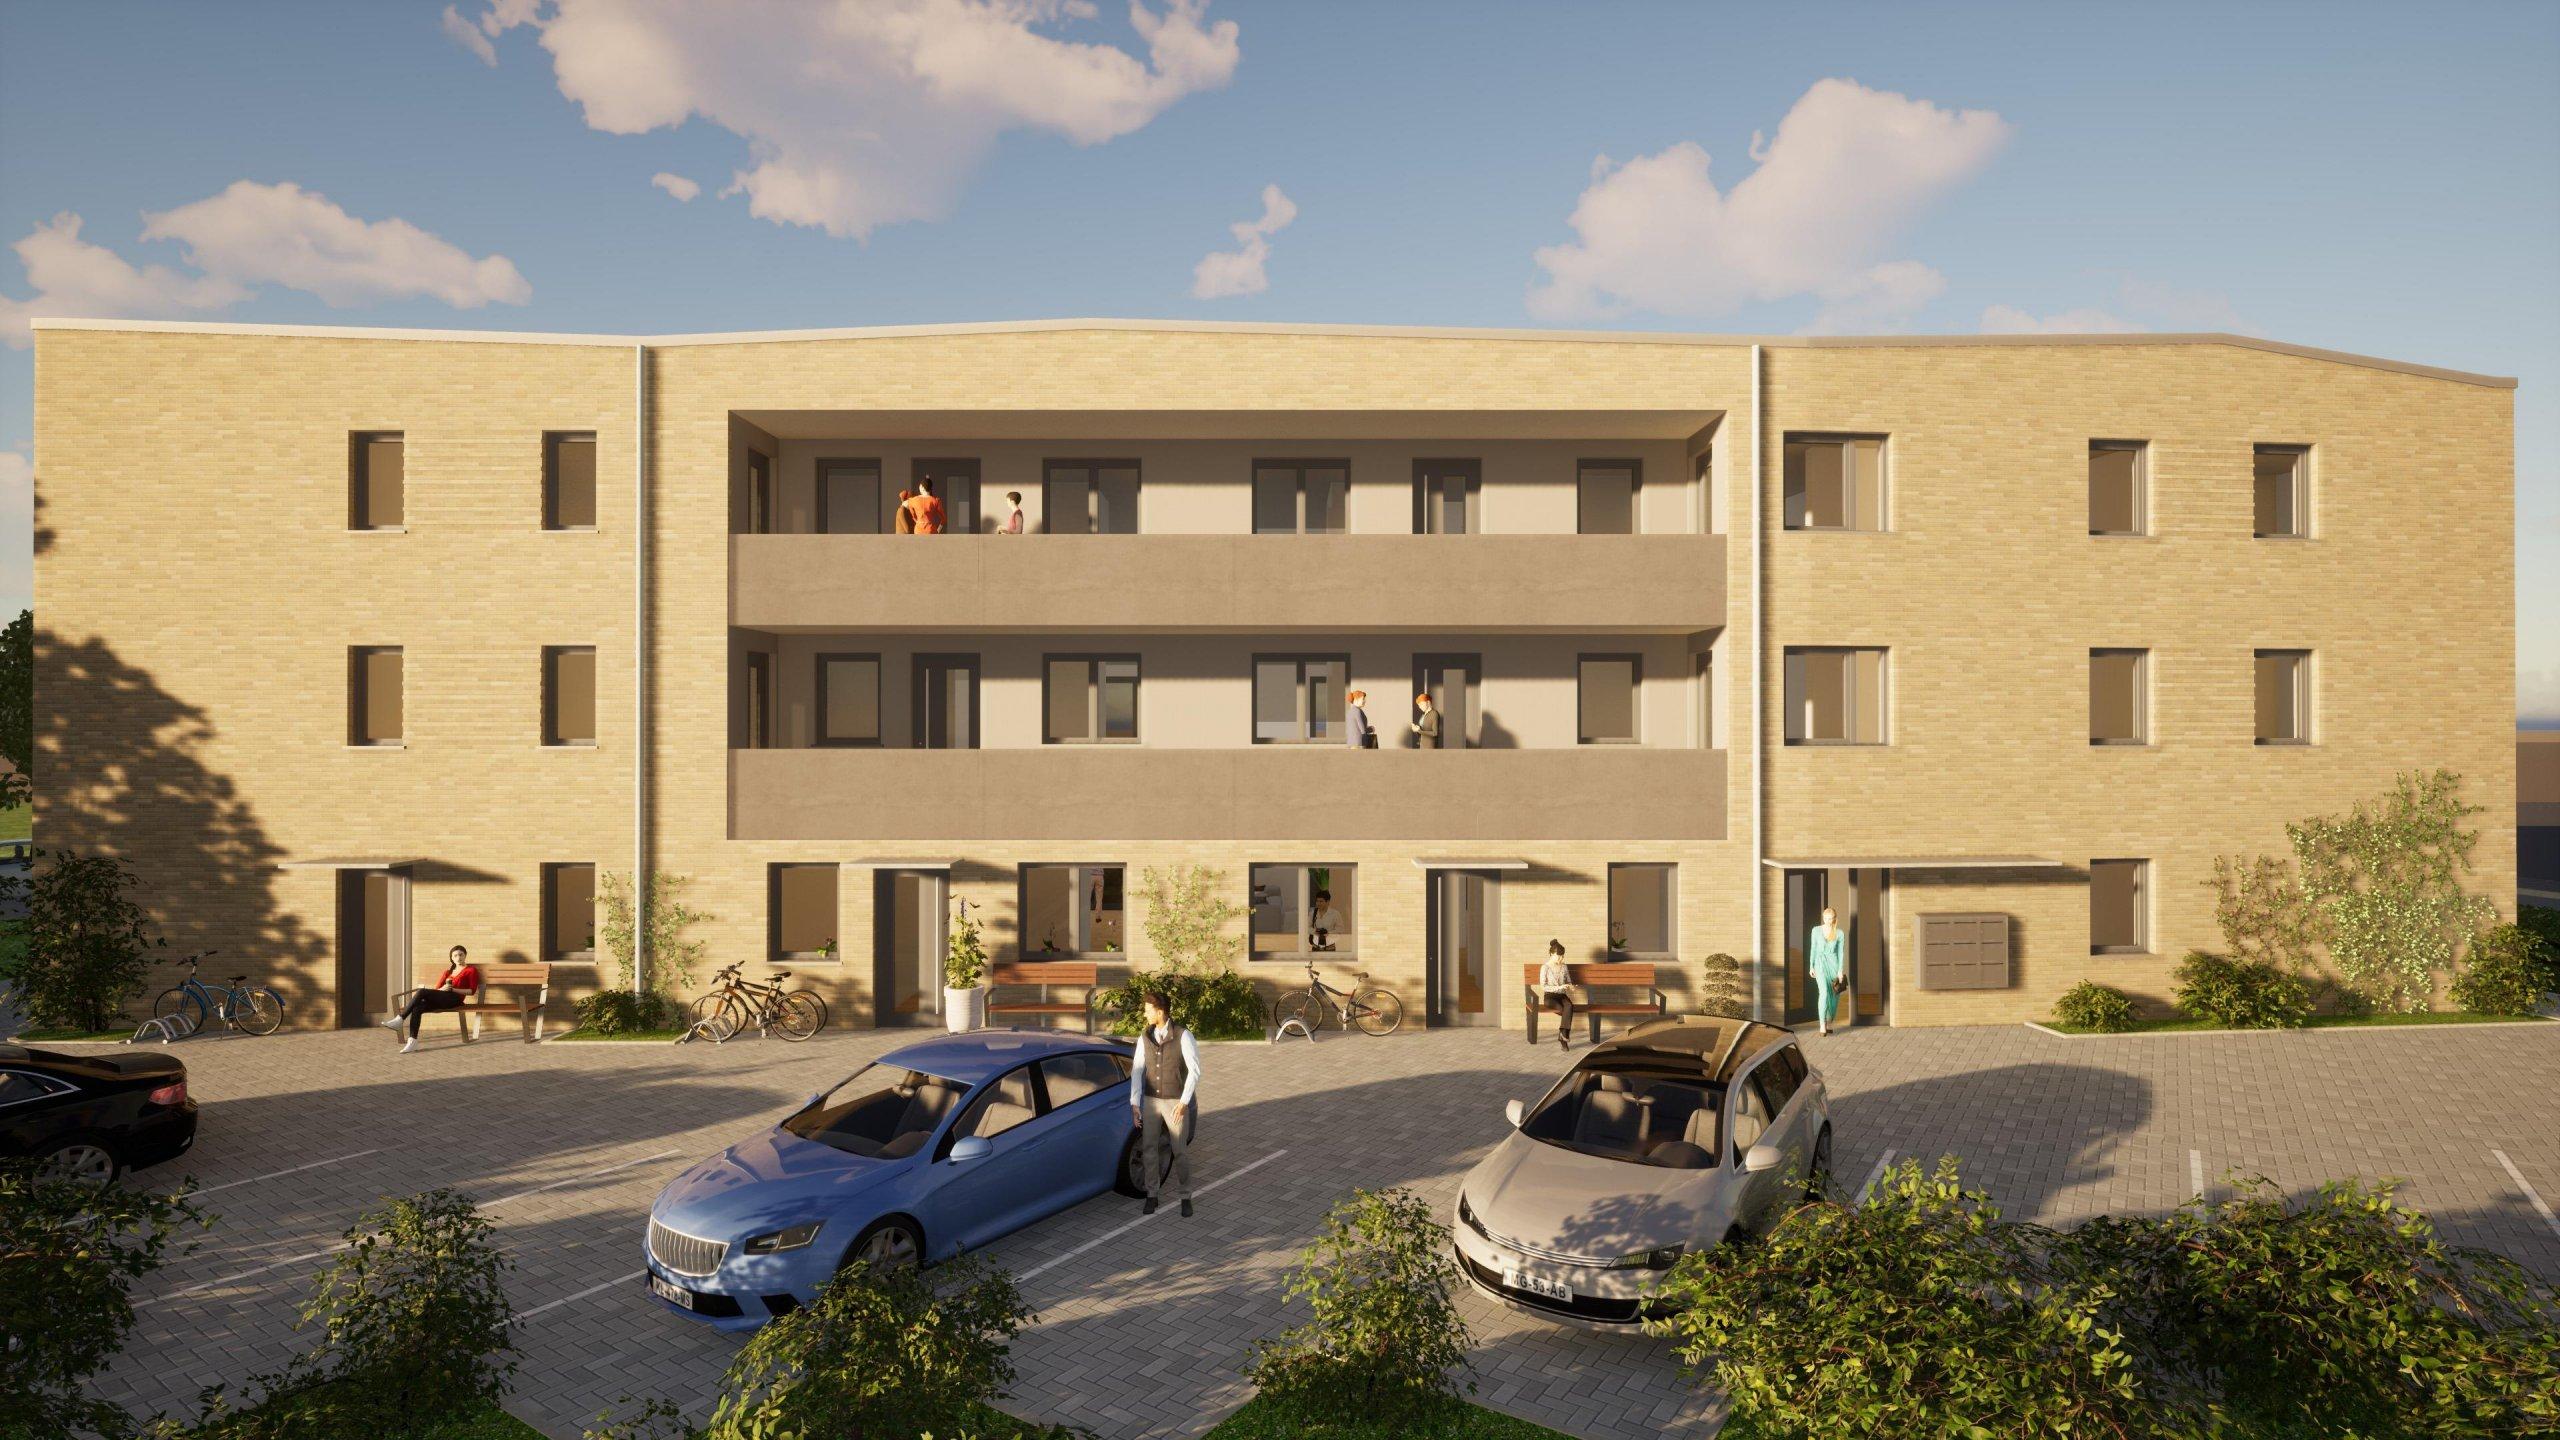 Ihre Belohnung für langes Suchen! Neubau-Obergeschosswohnung in Coesfeld